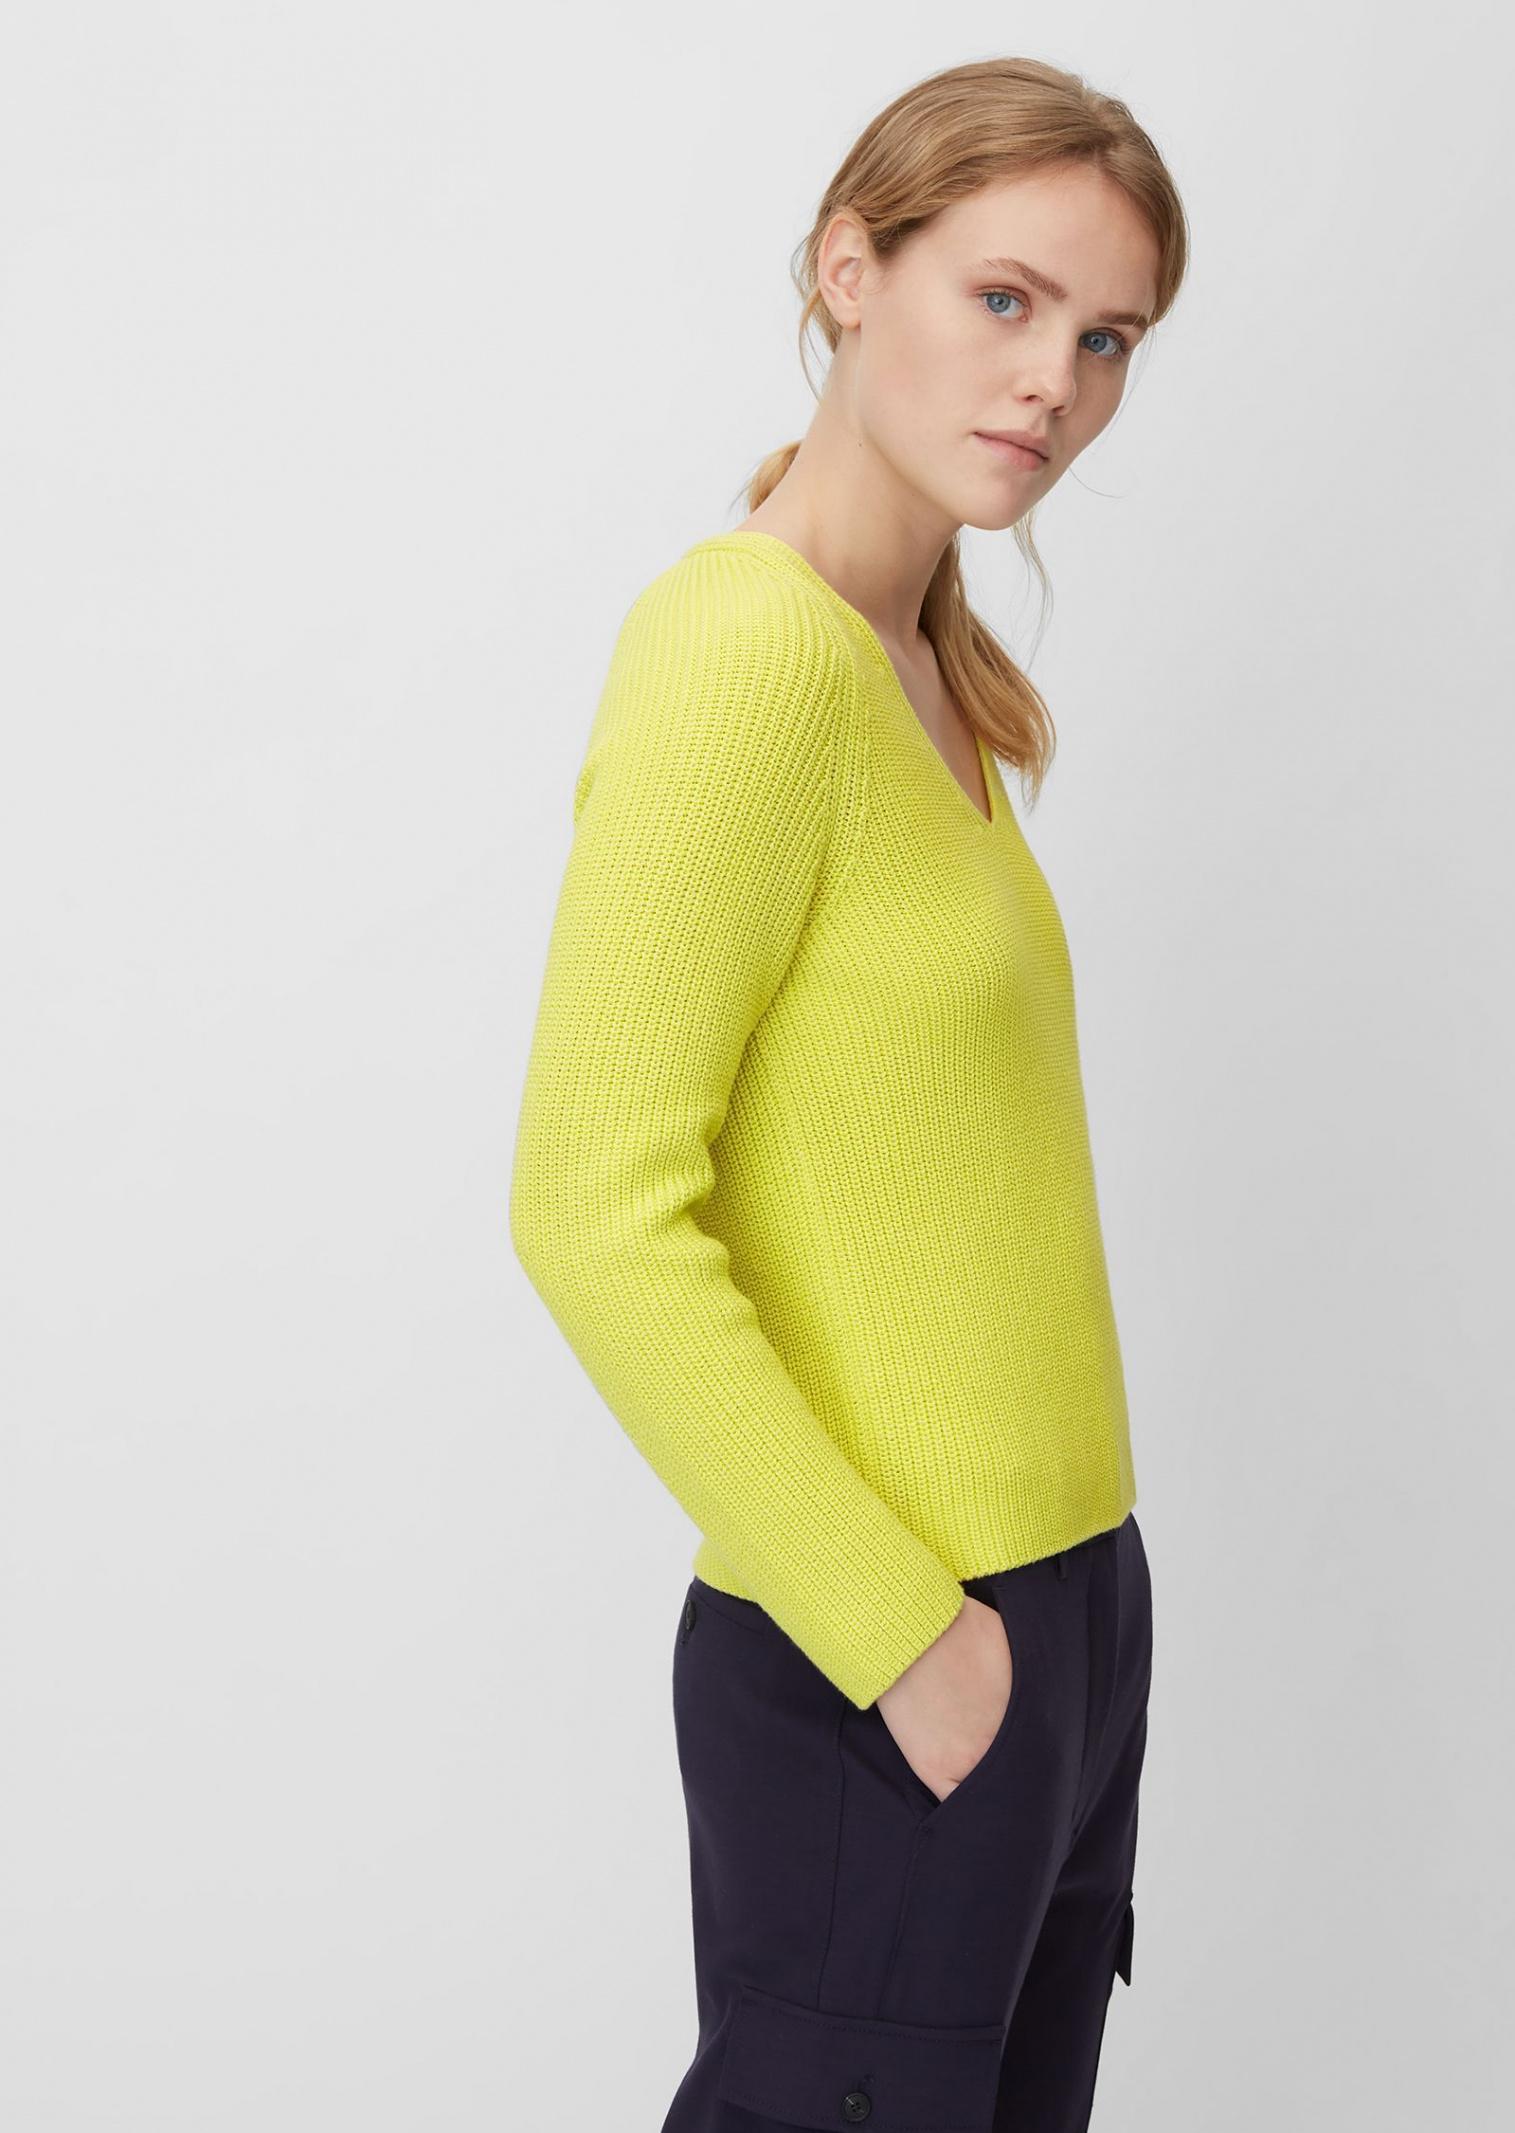 Кофты и свитера женские MARC O'POLO модель PF3975 качество, 2017